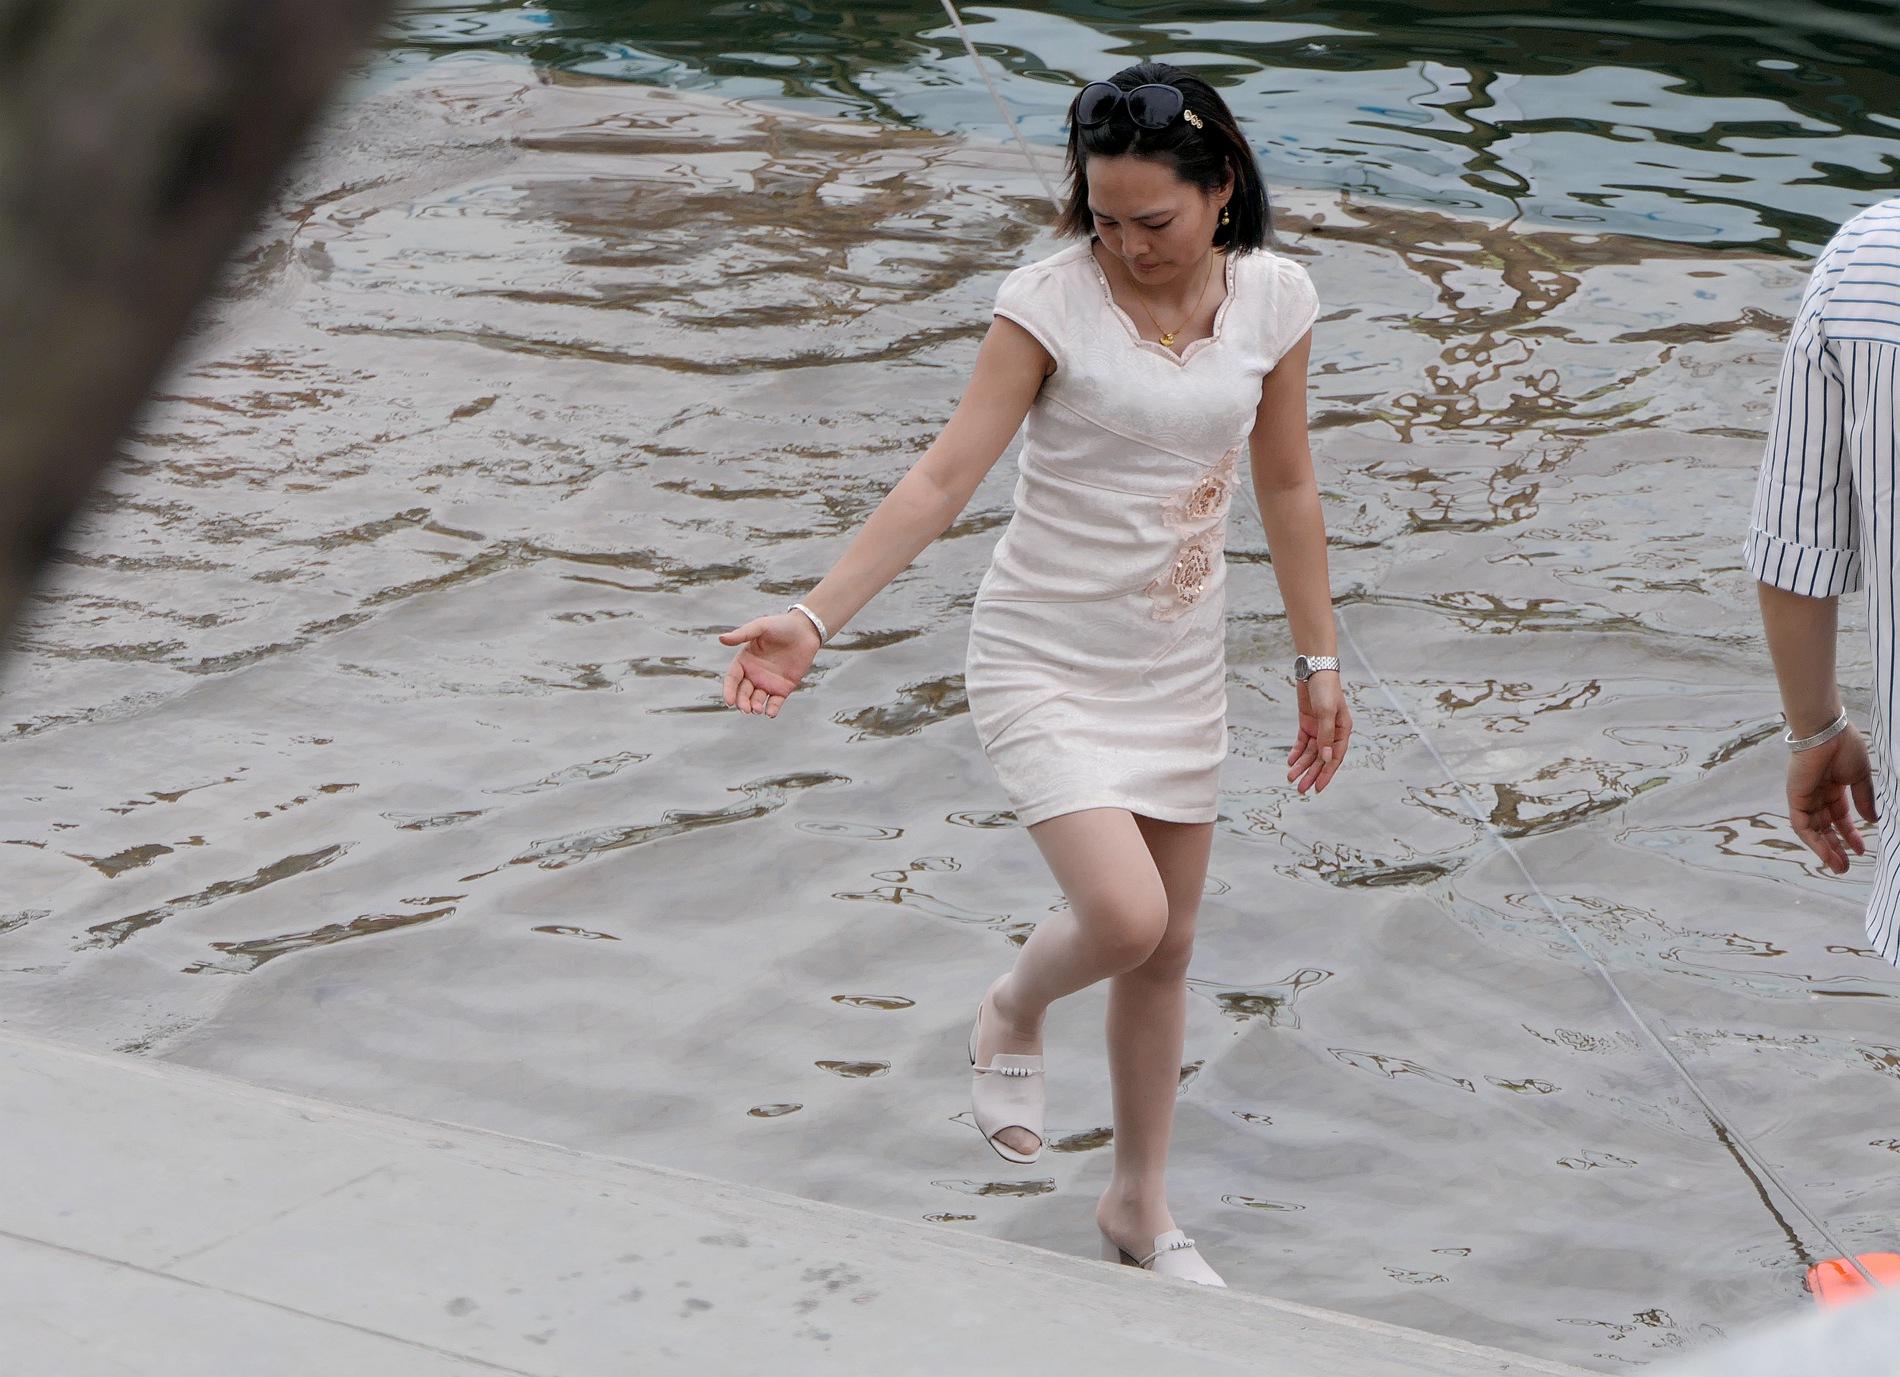 街拍美女,街拍丝袜,街拍肉丝袜袜,街拍肉丝袜 【jim2】白裙肉丝袜袜 美女(12p) 最新街拍丝袜图片 街拍丝袜第一站